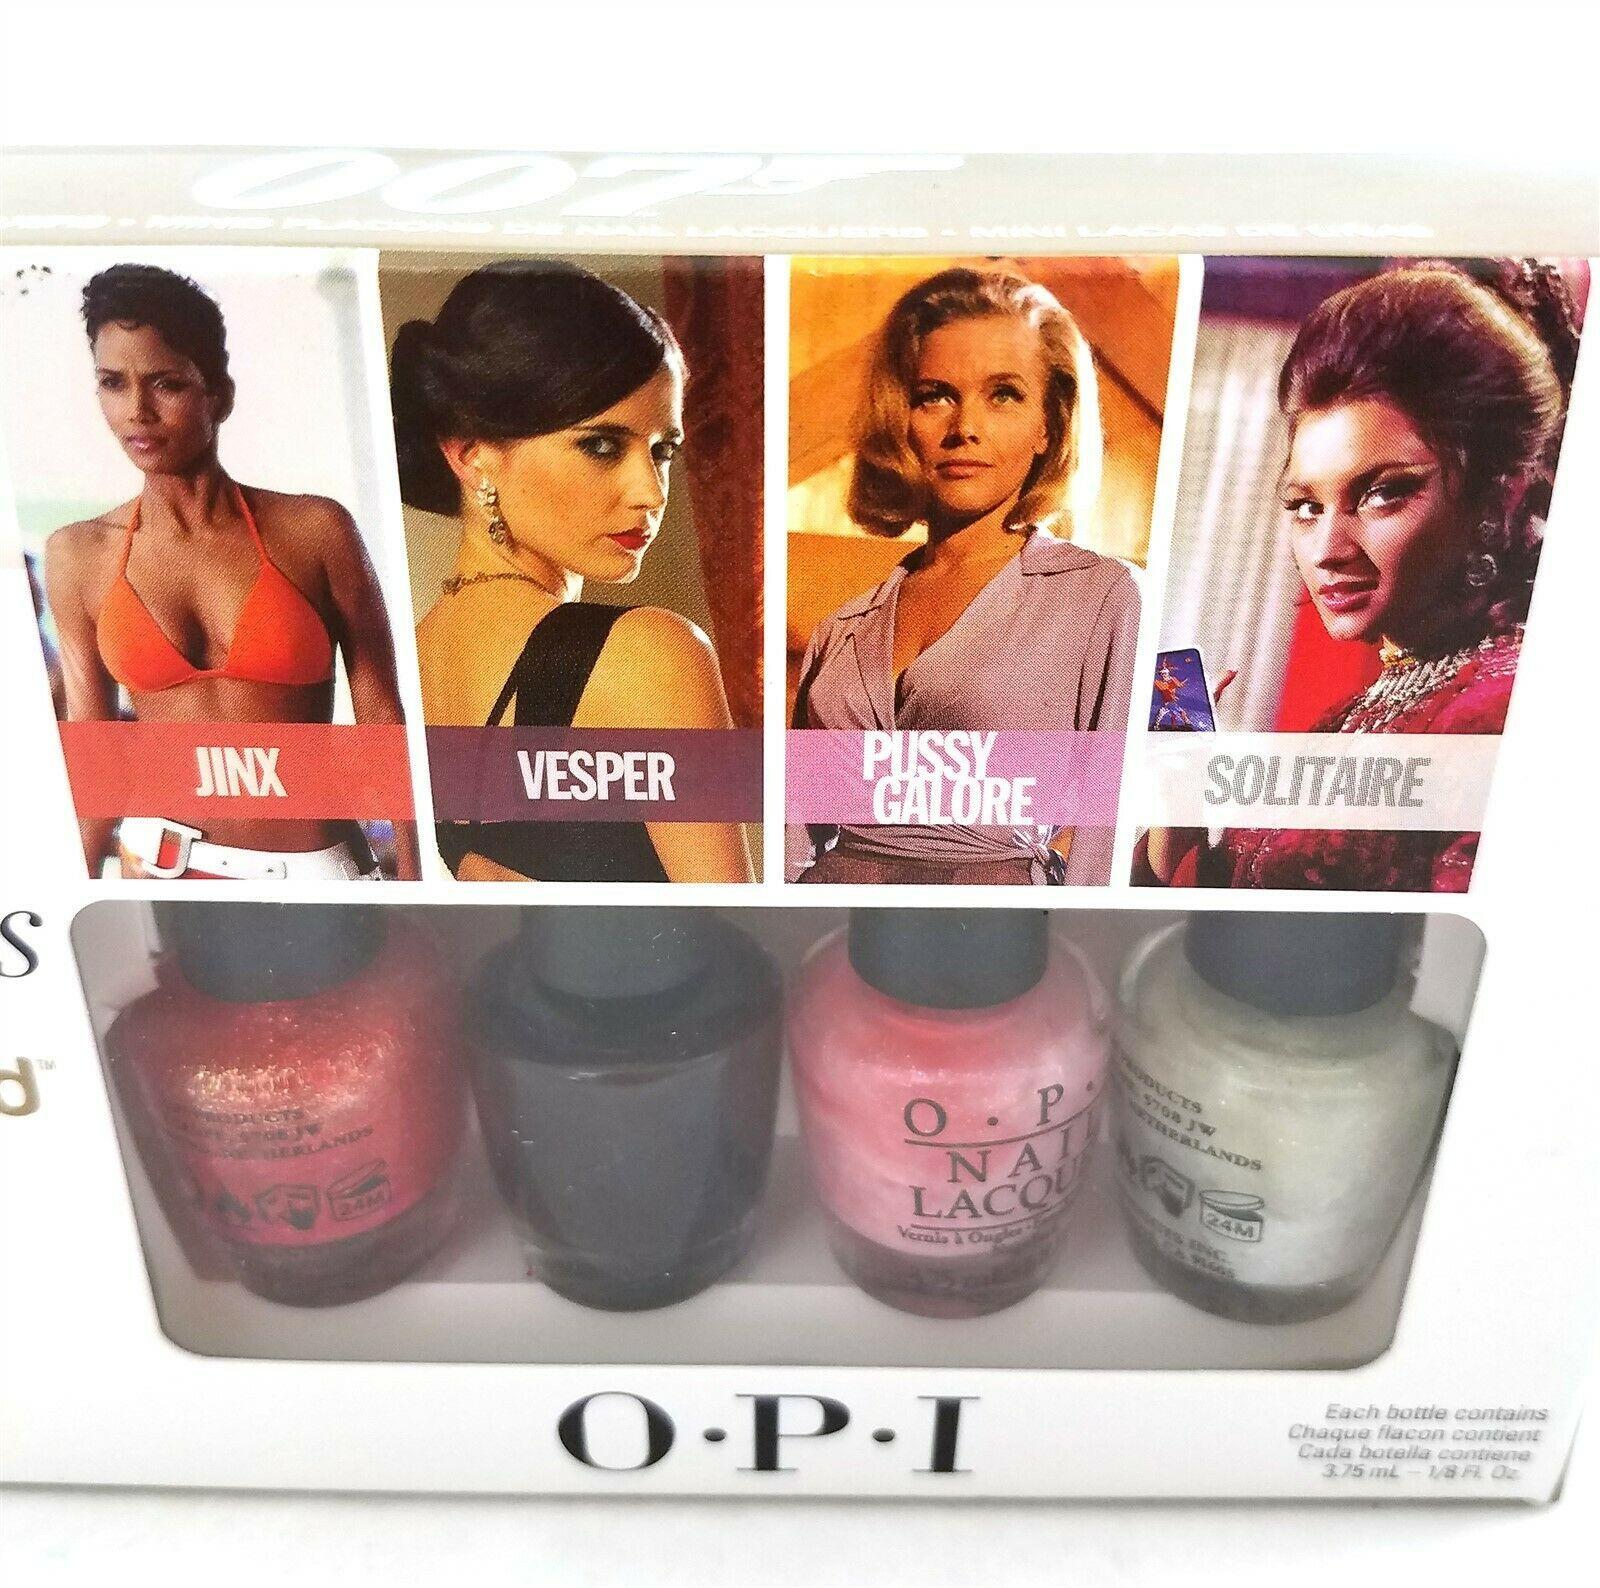 OPI 007 The Bond Girls Liquid Sand Mini Nail Polishes Set Of 4 1/8 fl oz image 2